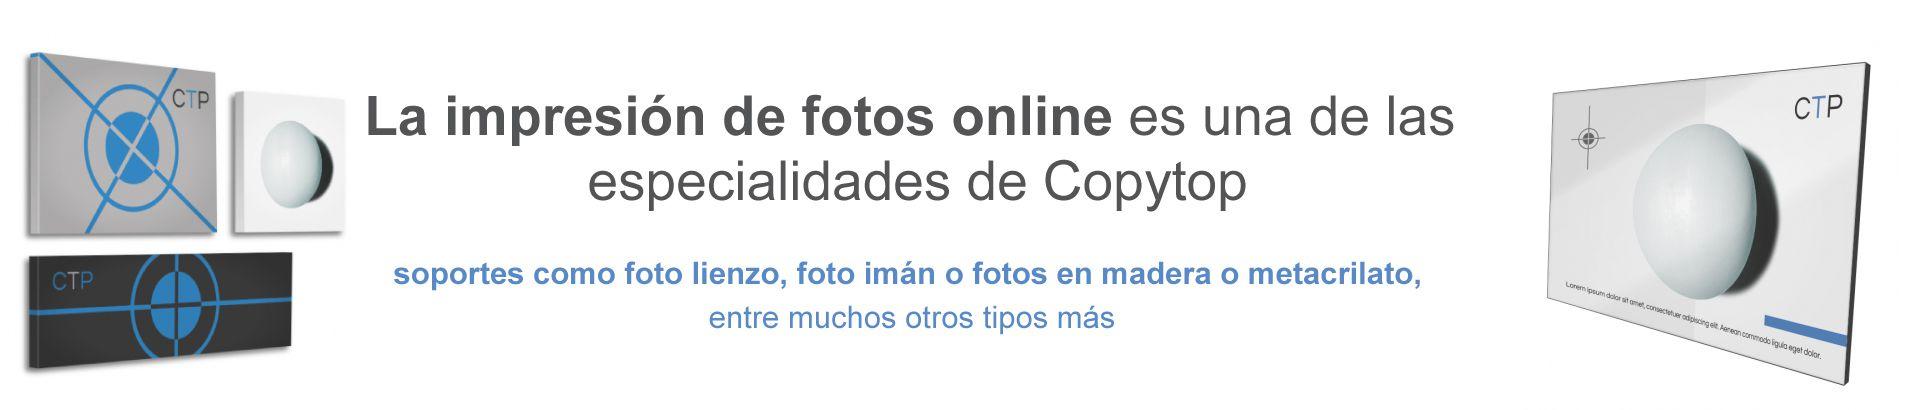 Impresión de fotos online